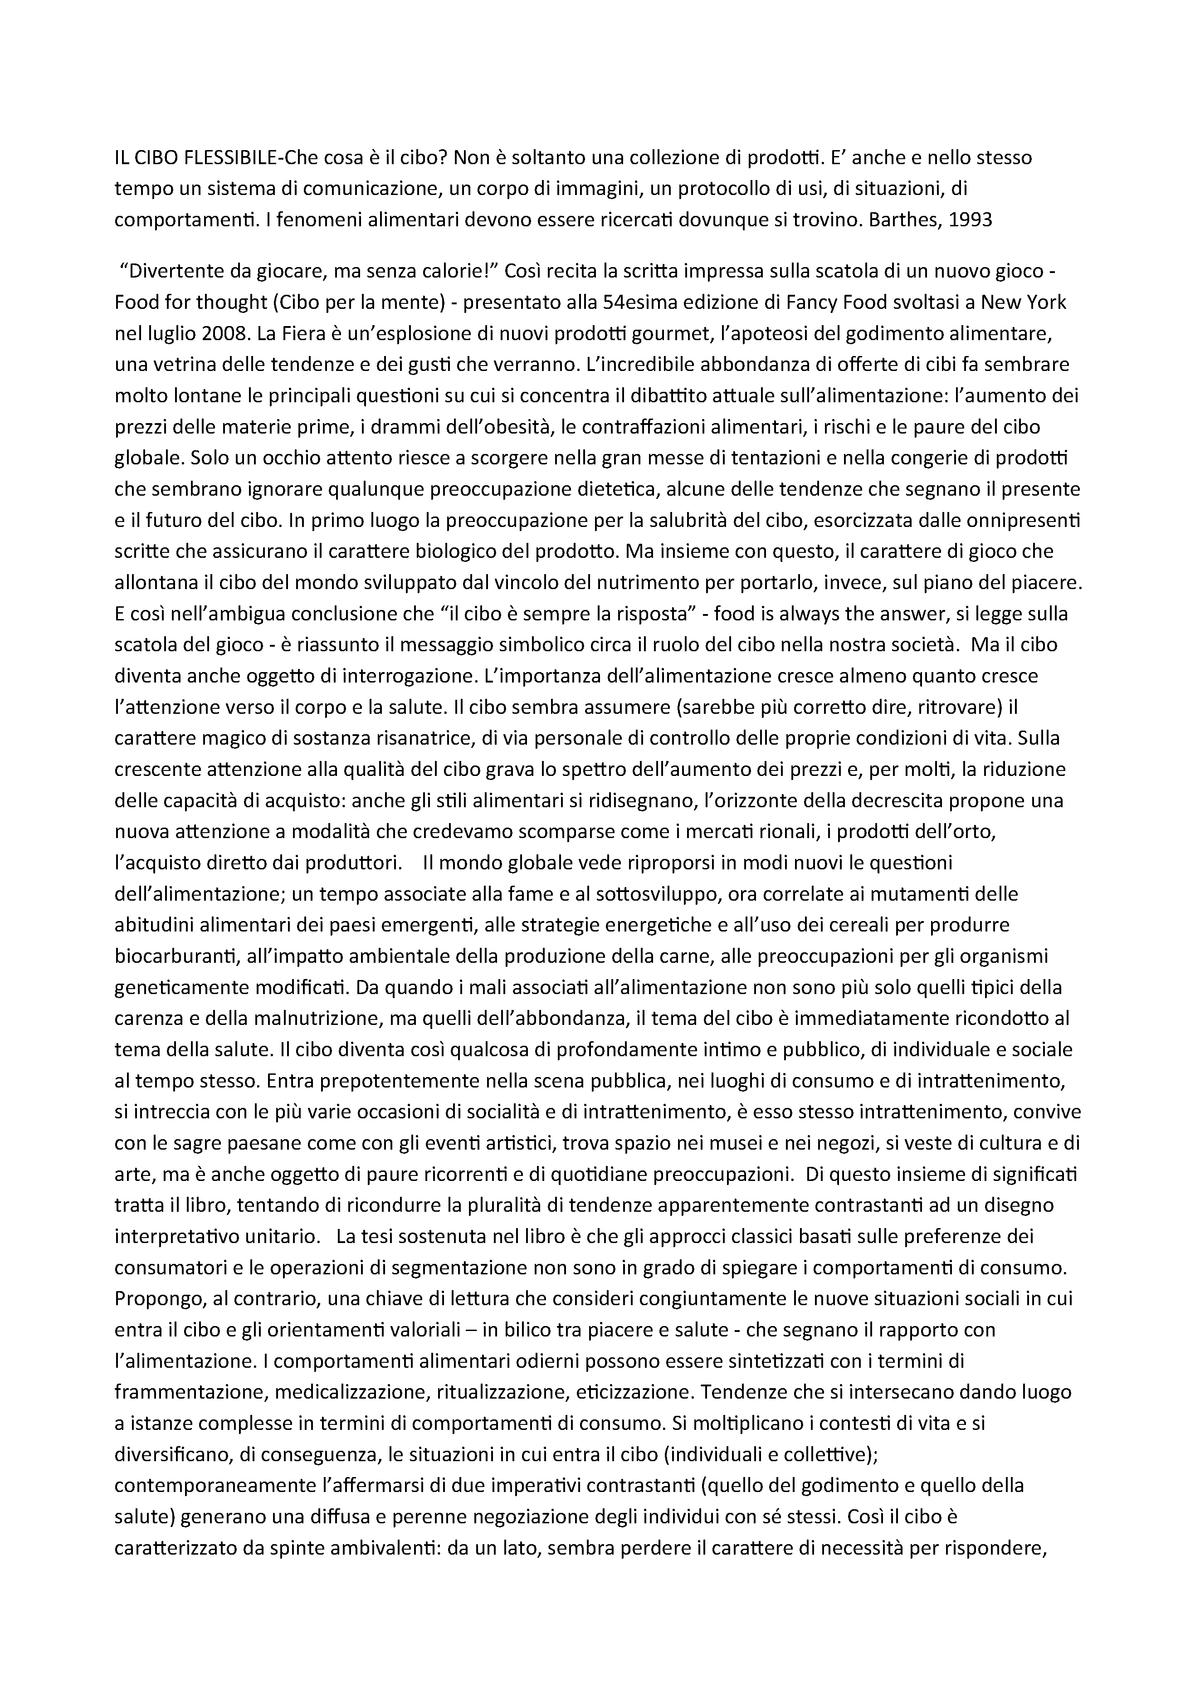 Il Cibo Flessibile Sociologia Del Benessere Uniurb Studocu